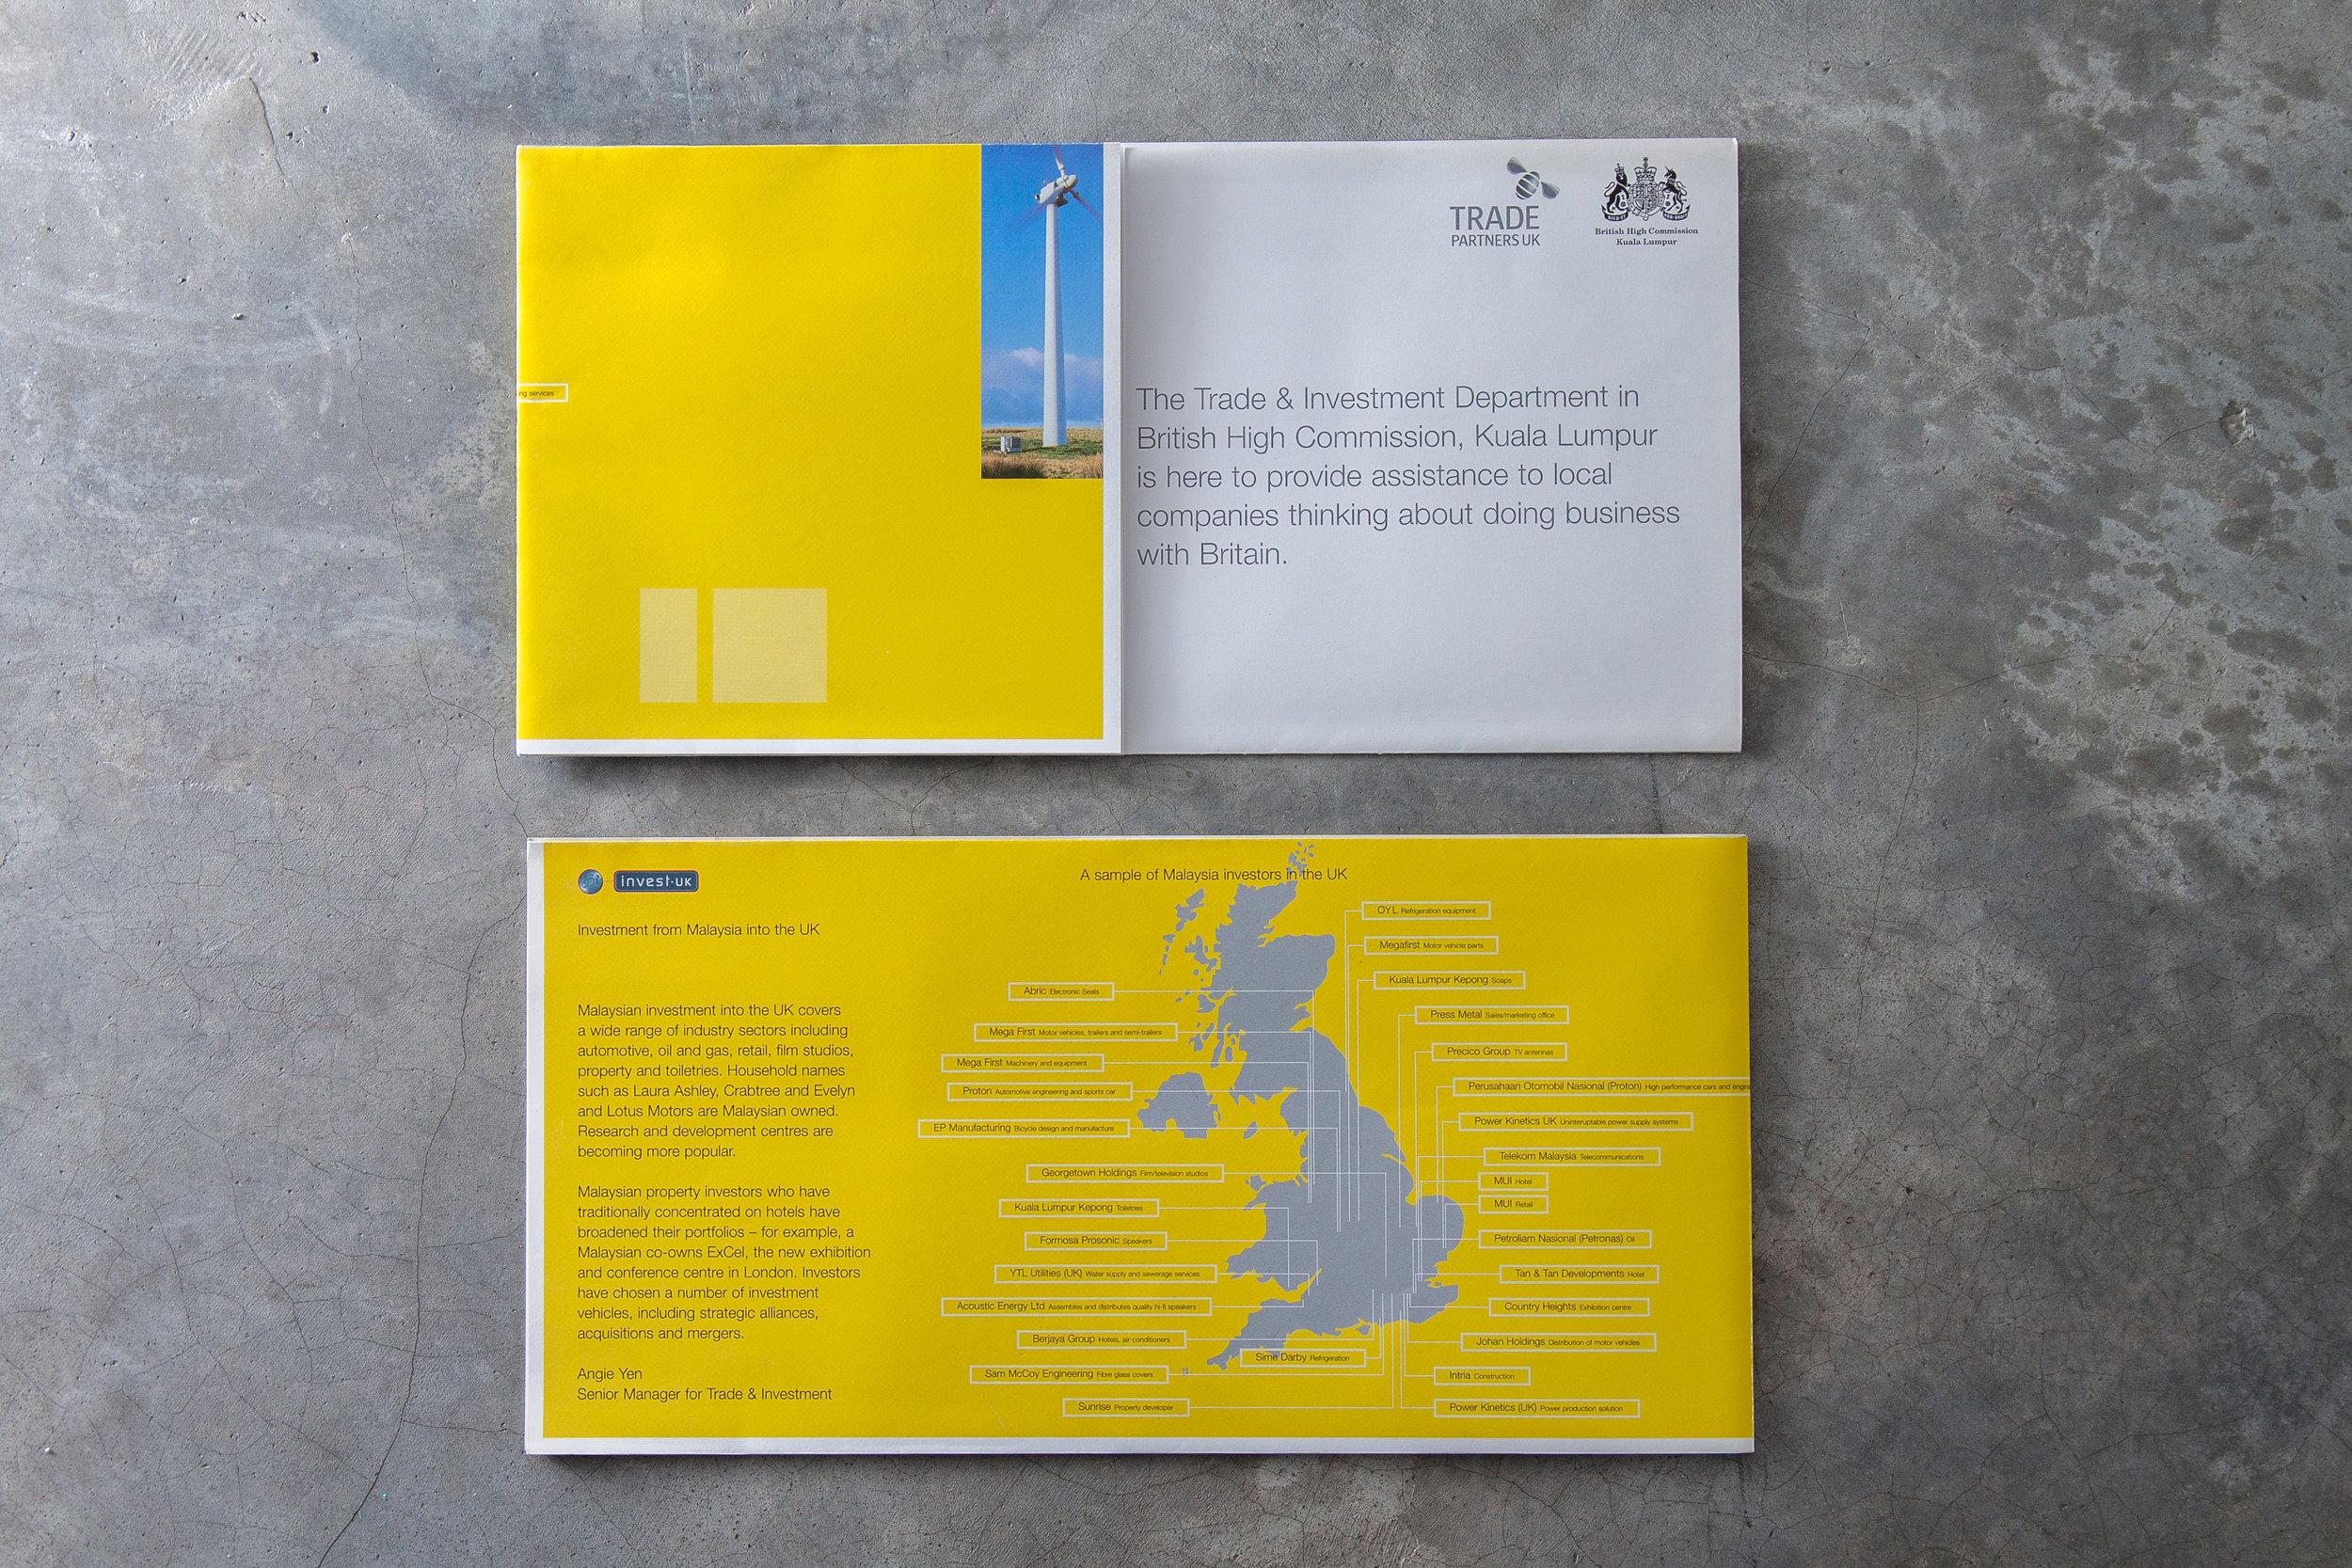 PORT_British High Commission_Trade Leaflet_4435.jpg